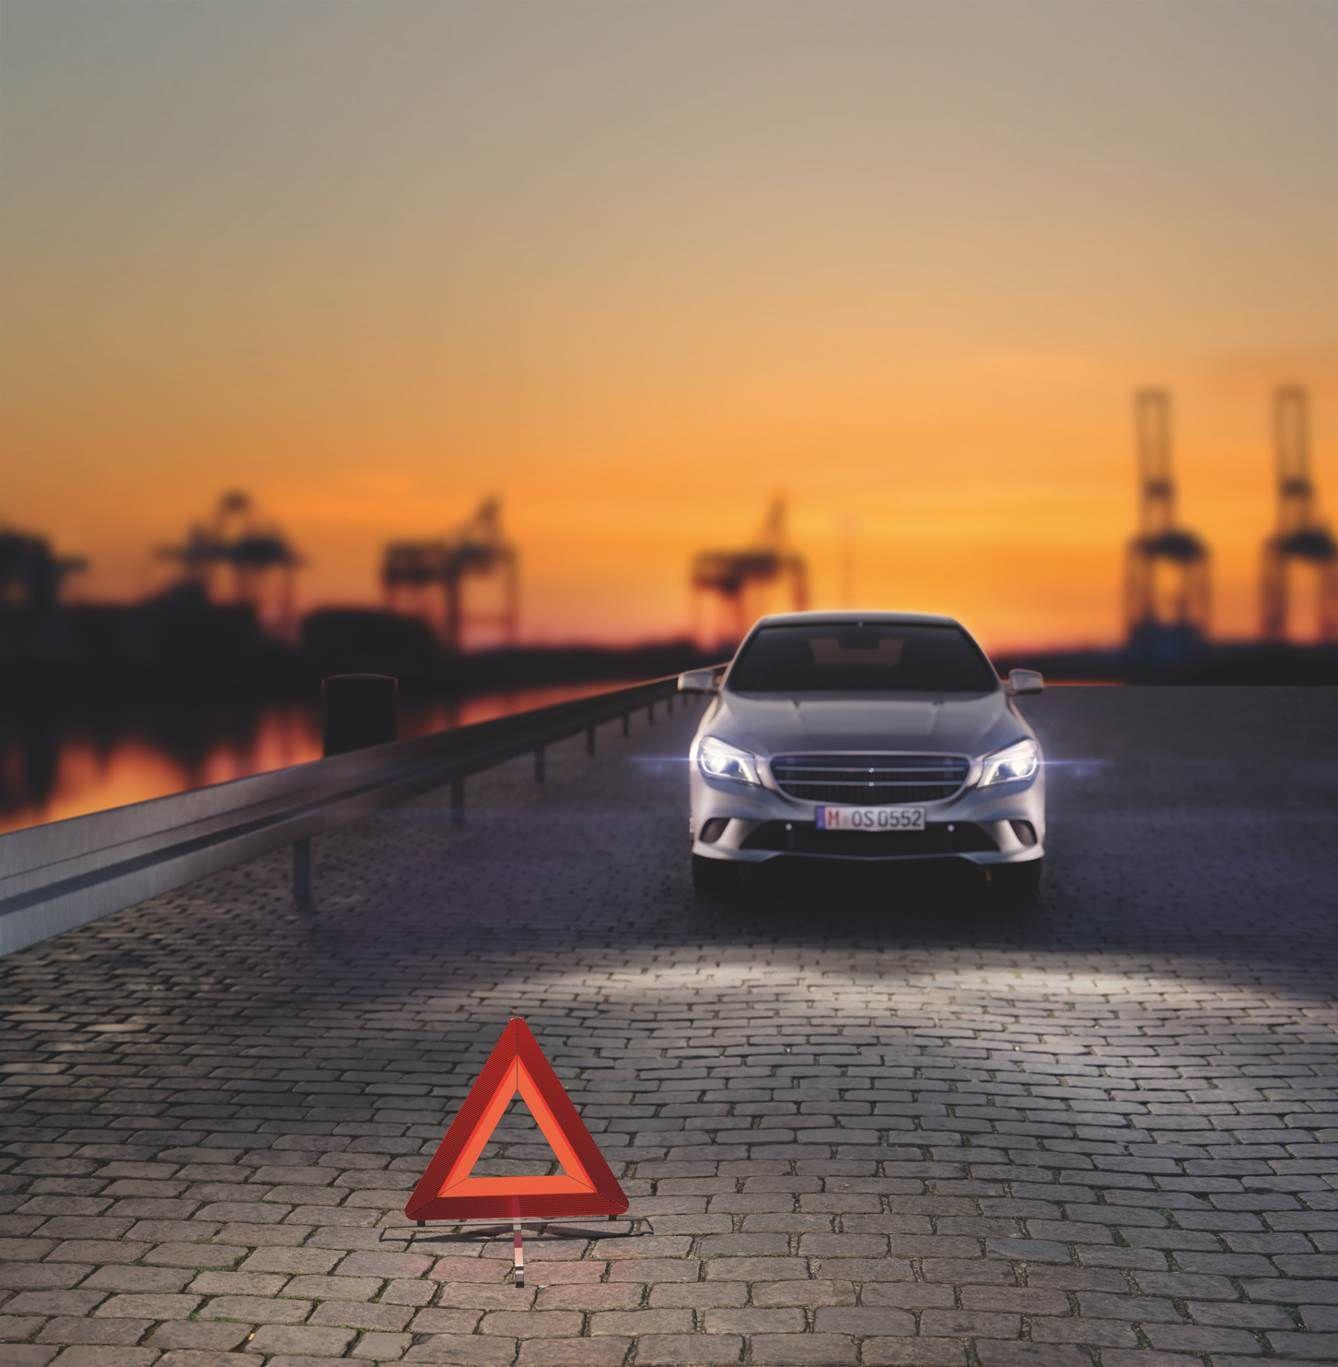 第六季欧司朗中国好车灯 立足公益让安全用灯落地